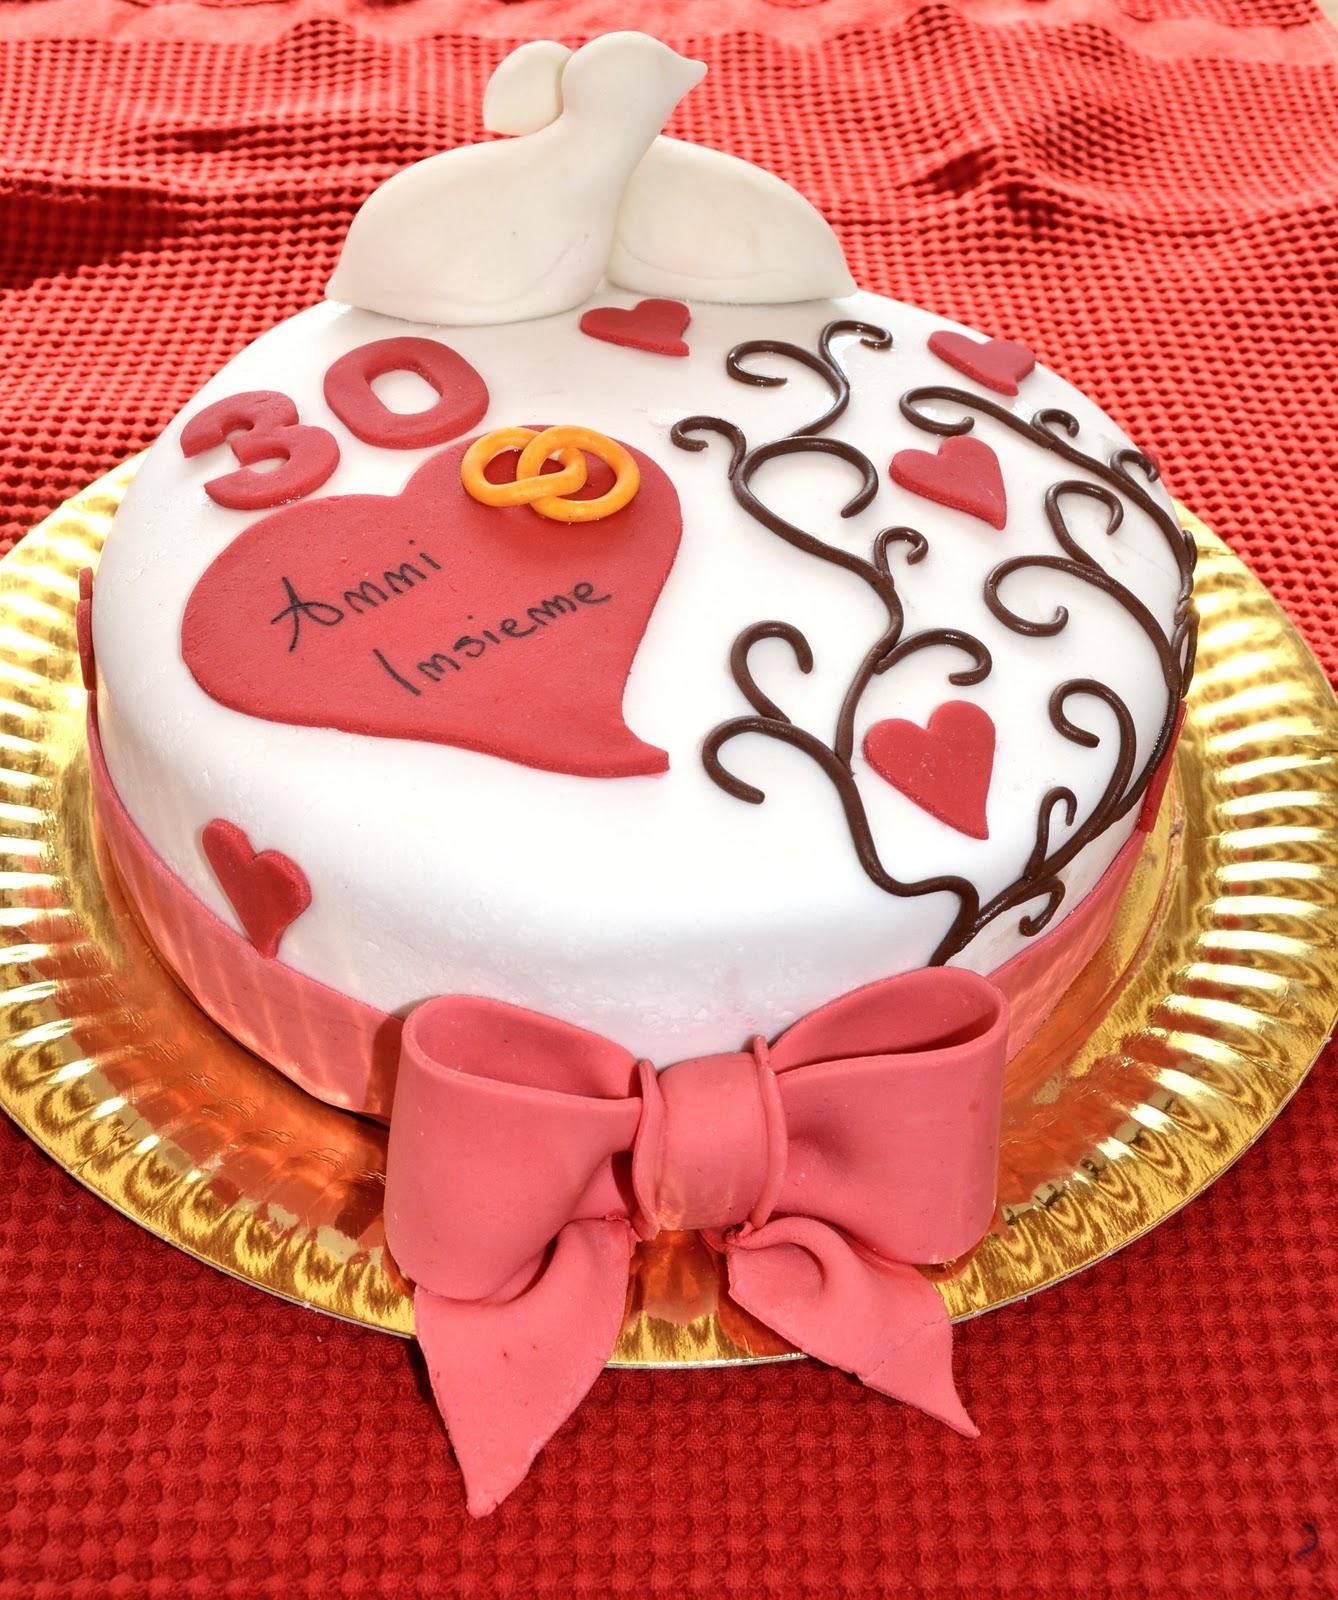 Anniversario Matrimonio Auguri Romantici : Favoloso come decorare una torta per anniversario di